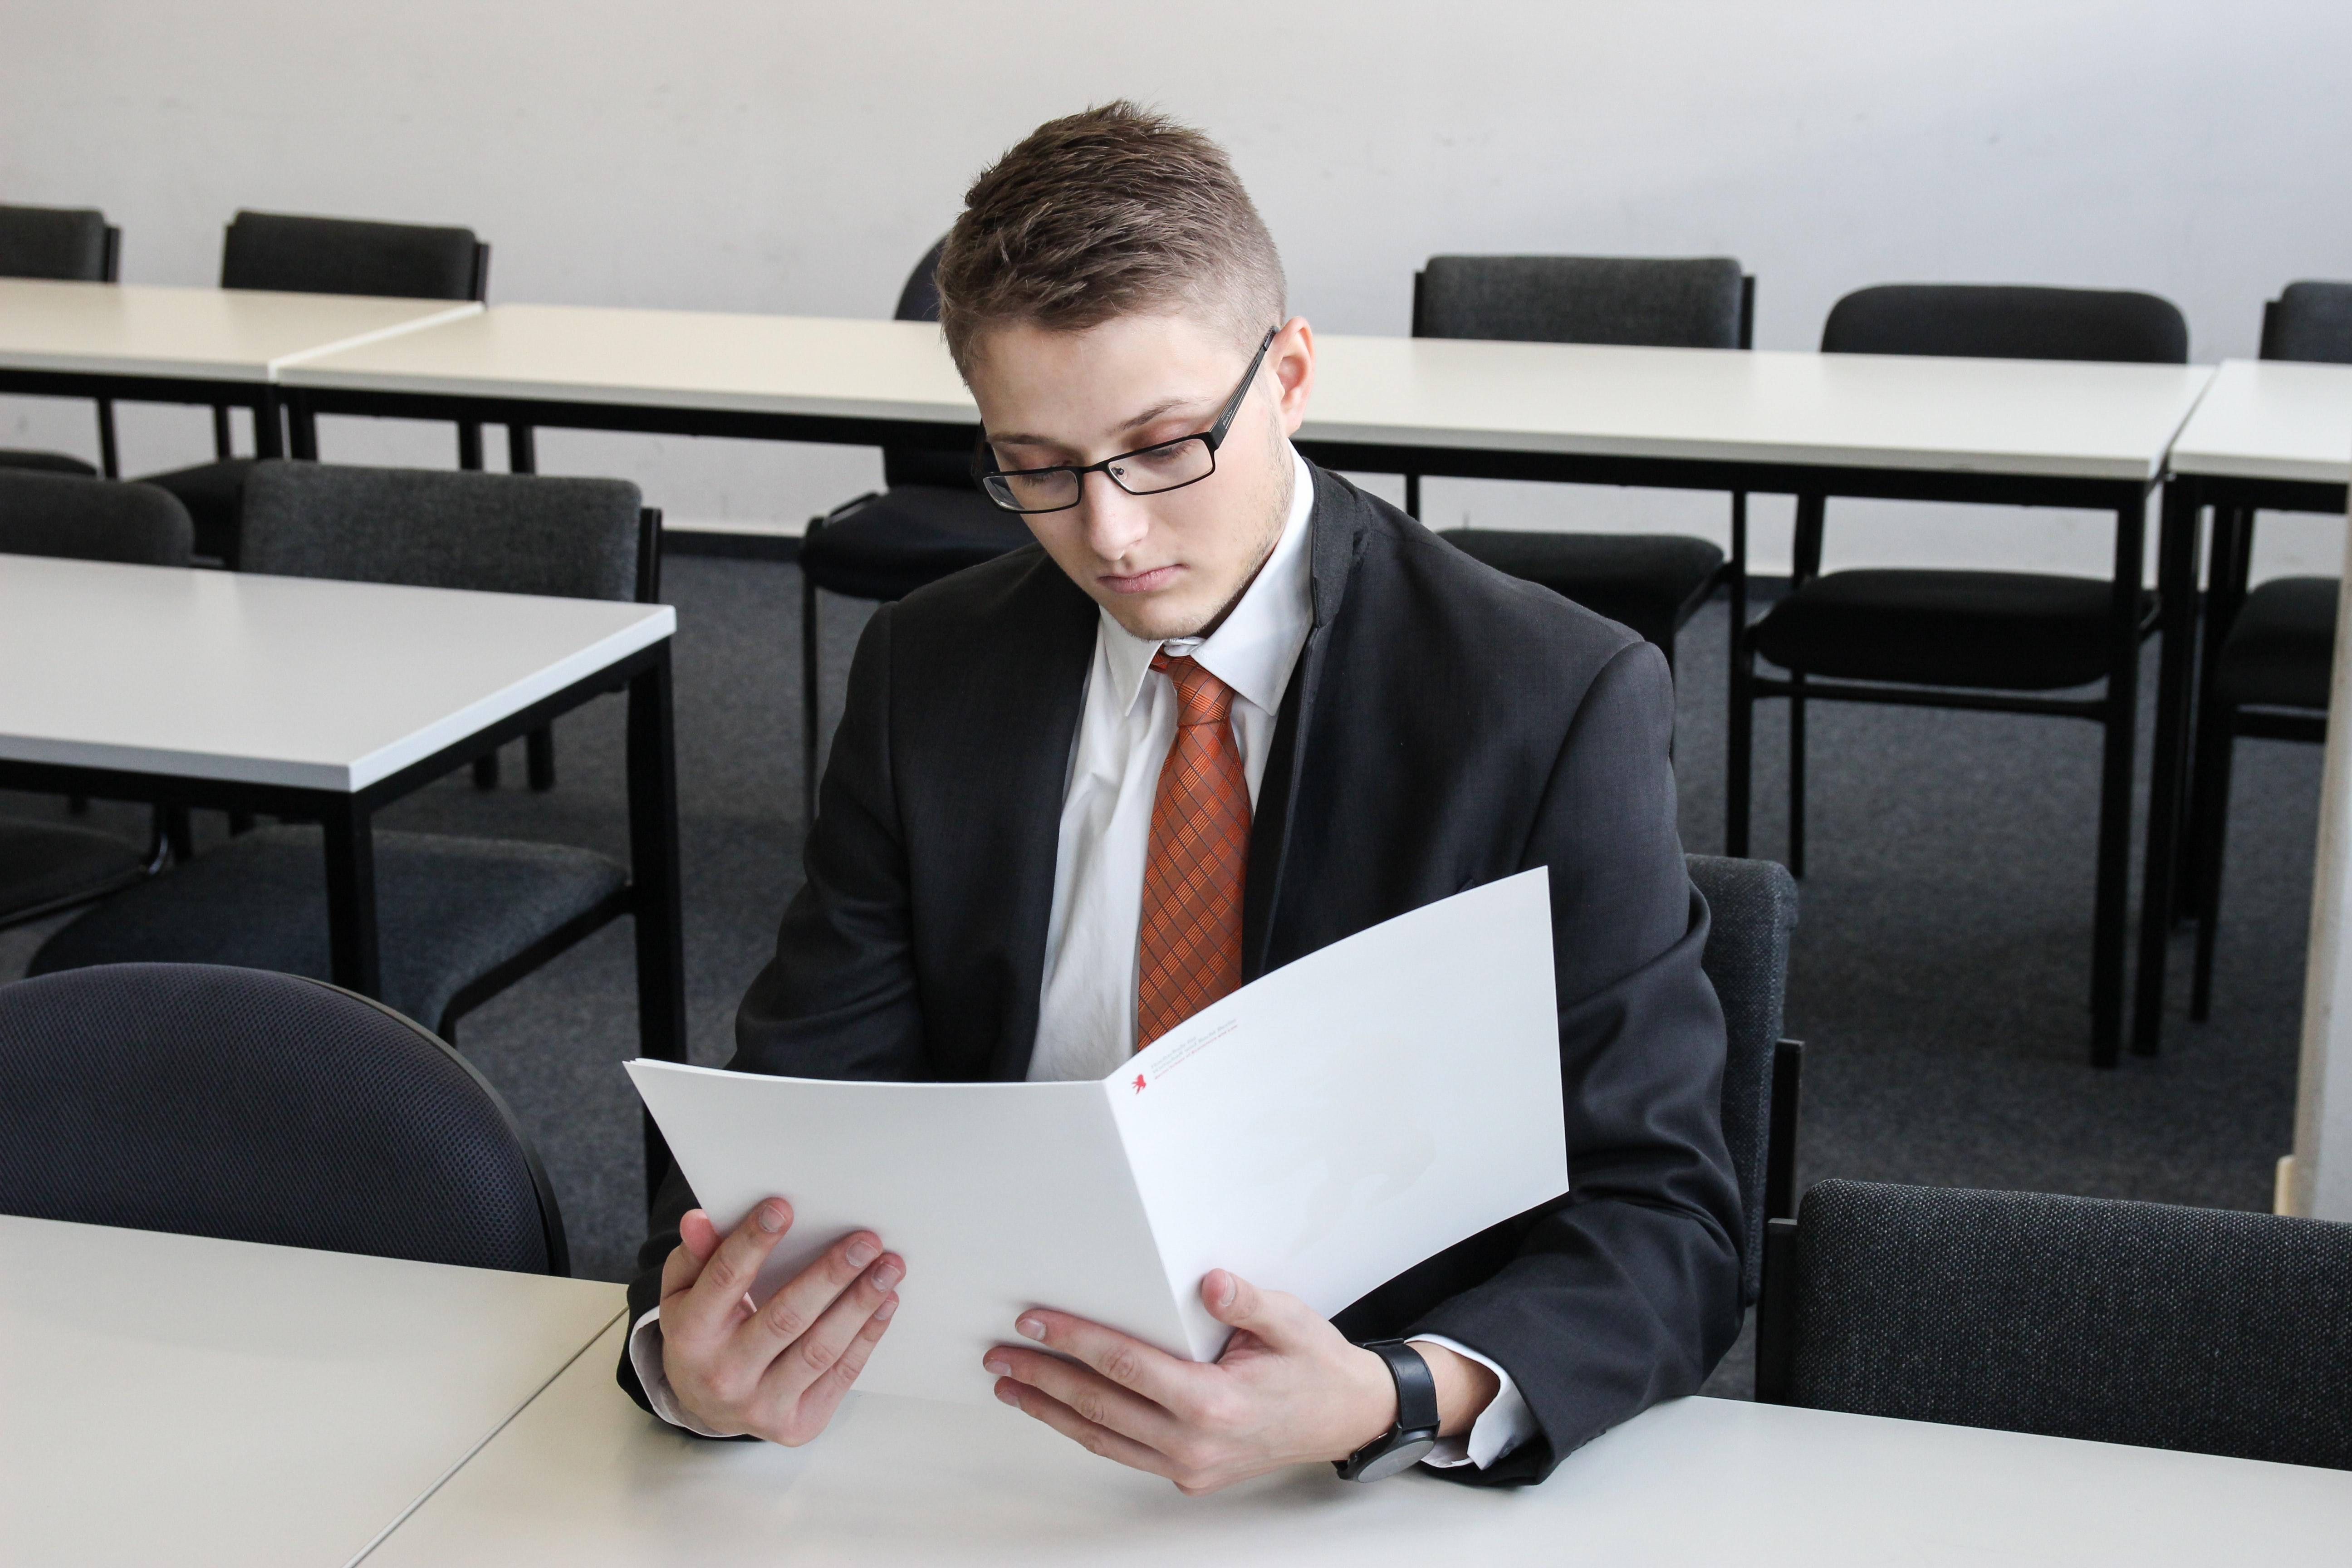 datos de interés en el currículum